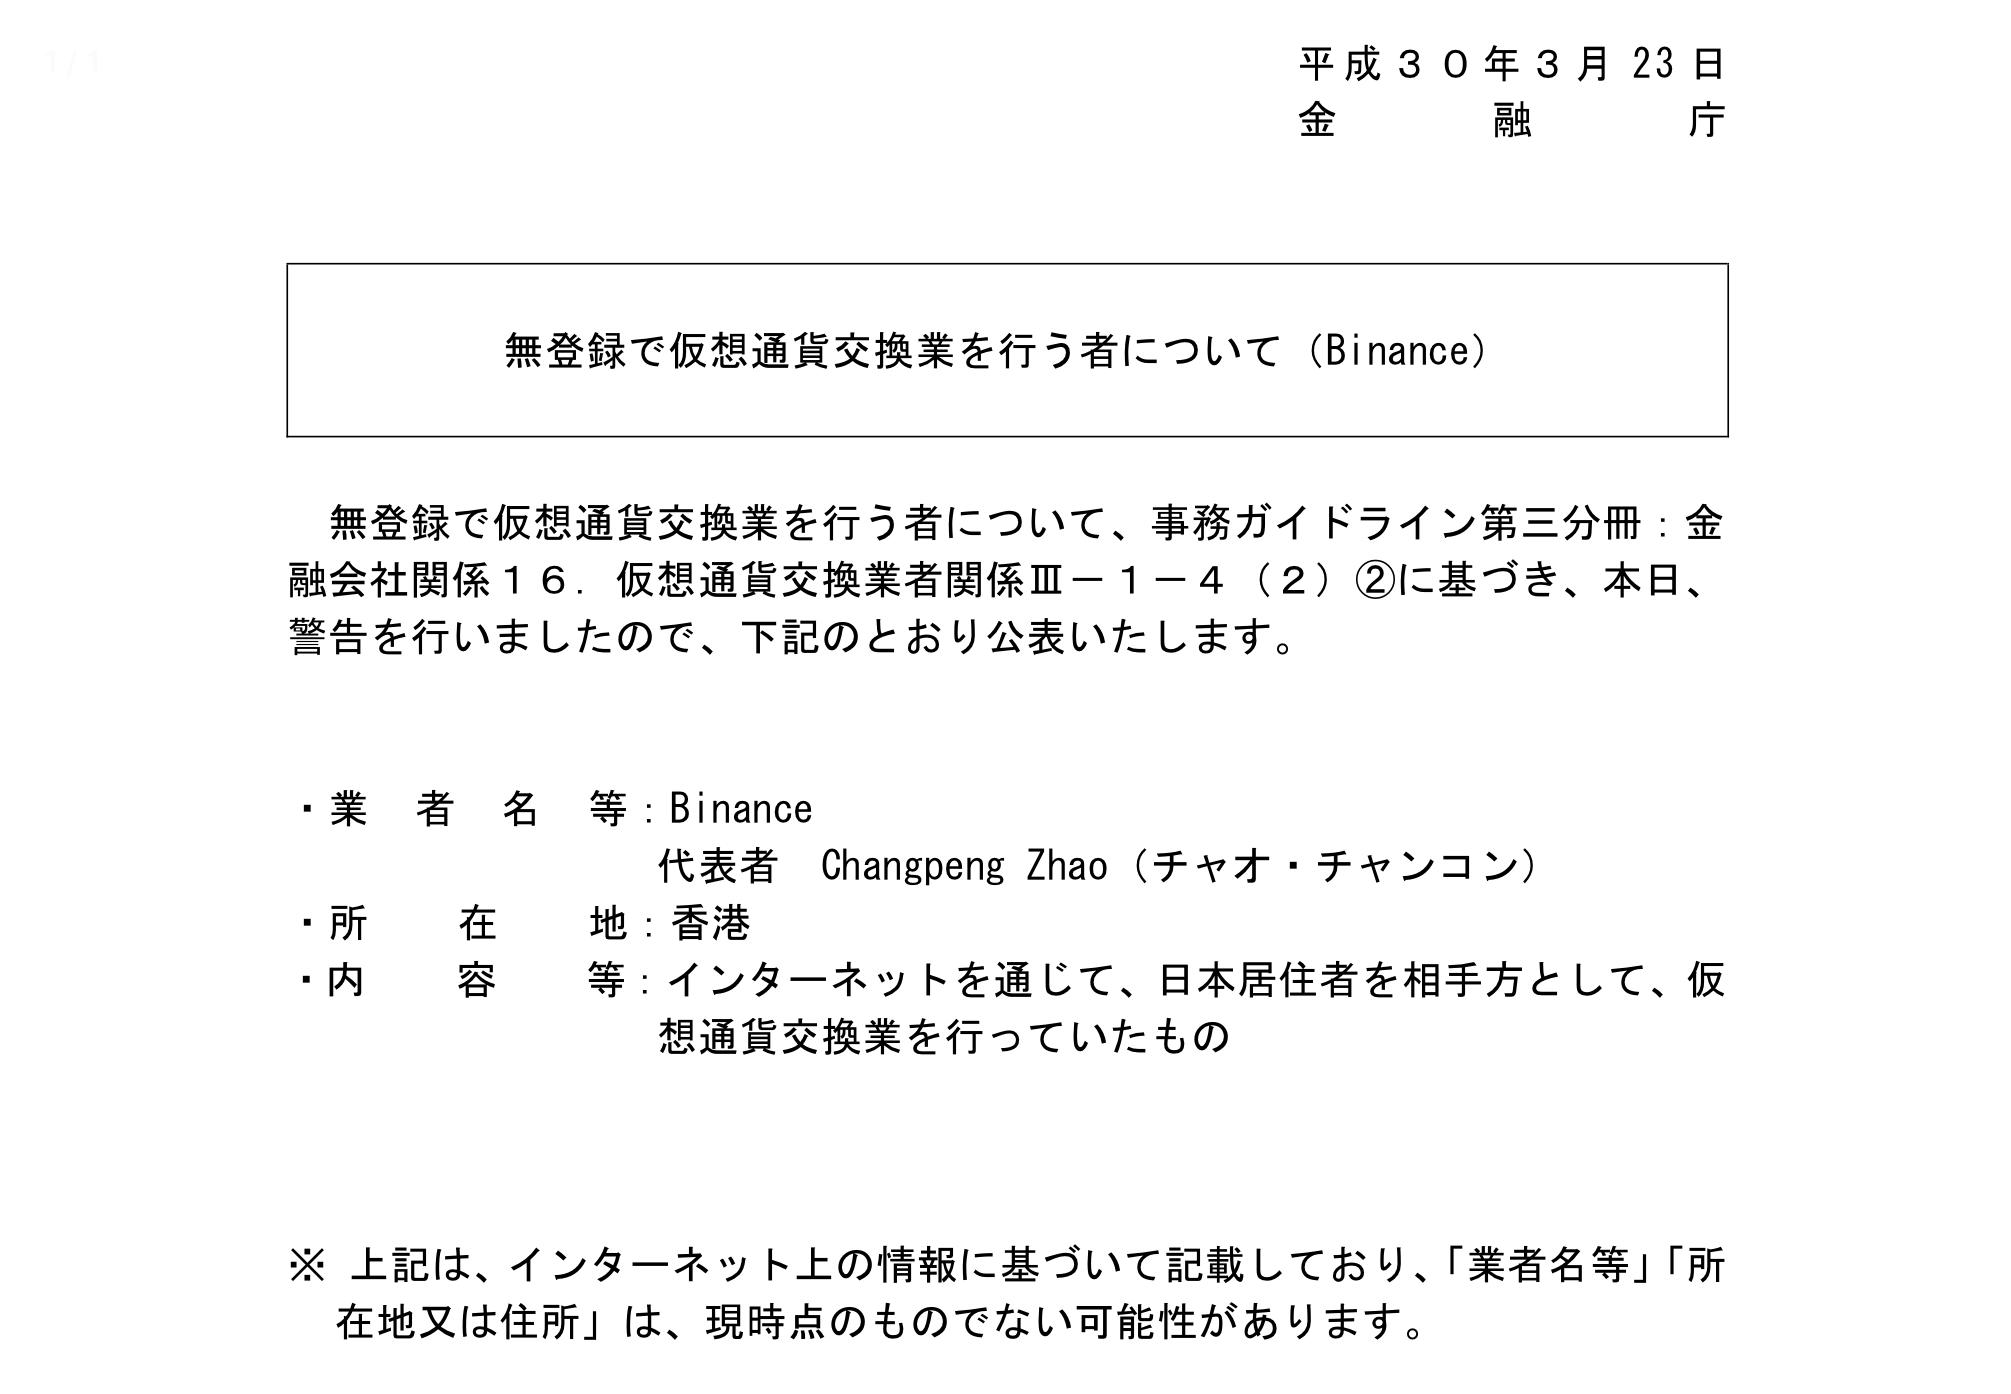 金融庁 Binance 警告